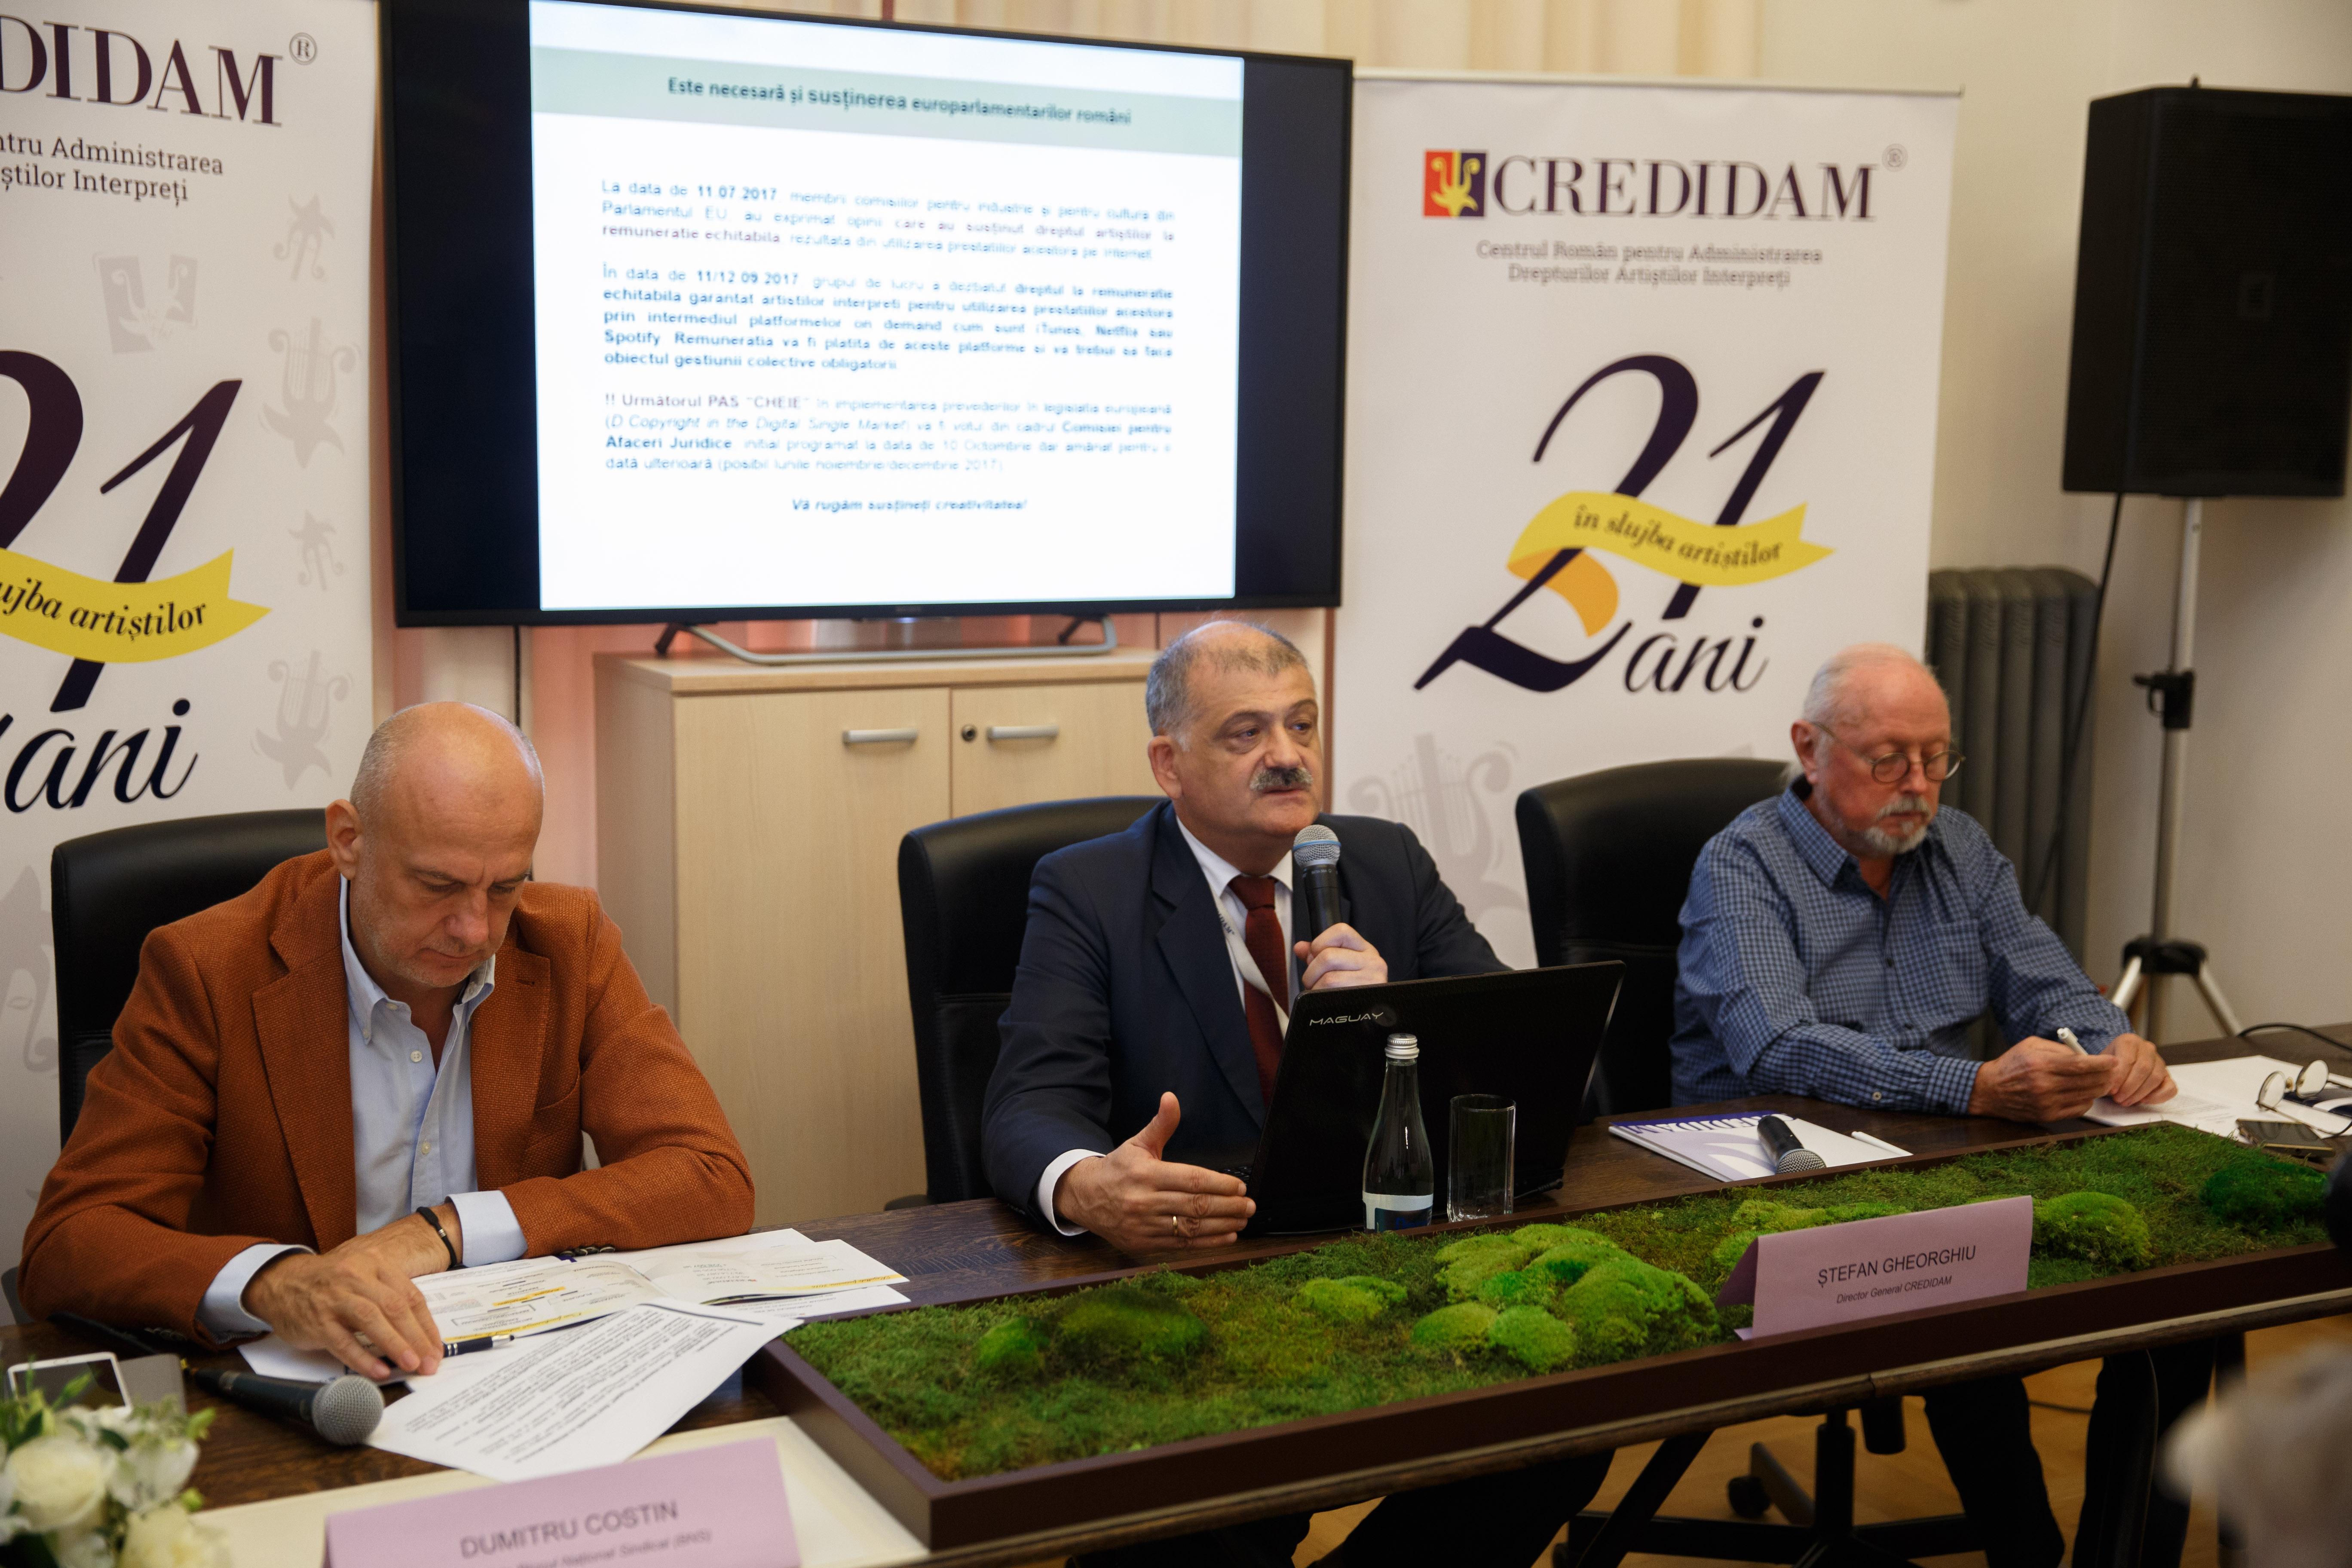 Dumitru Costin, Stefan Gheorghiu si Mihai Cernea